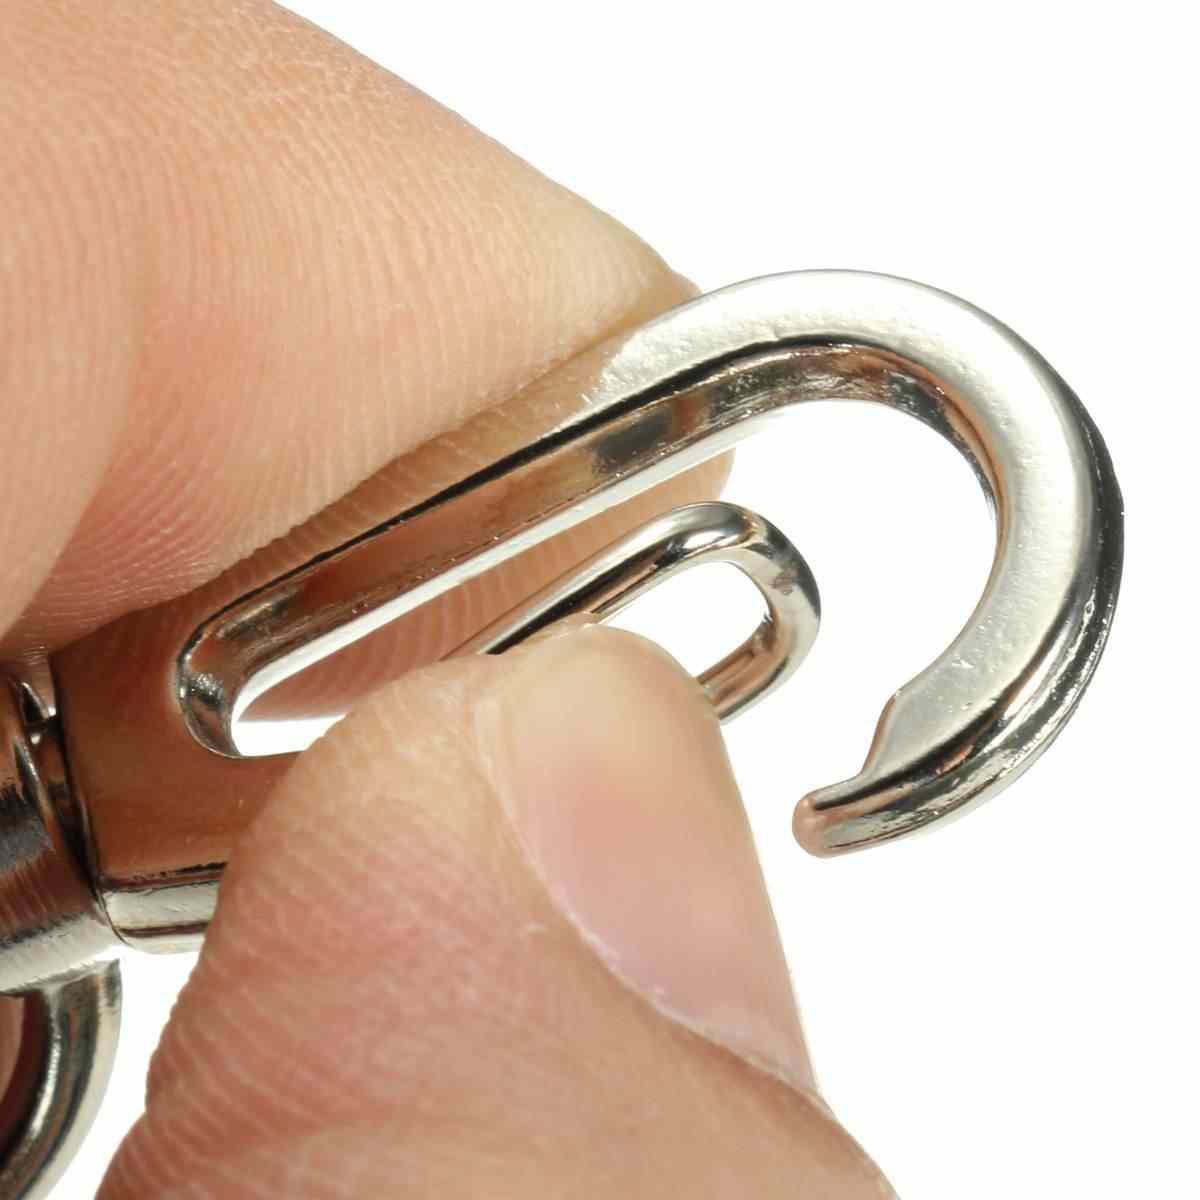 Kicute retráctil tirón llavero ID insignia cordón nombre etiqueta titular de la tarjeta carrete cinturón Clip accesorio hebilla acero inoxidable